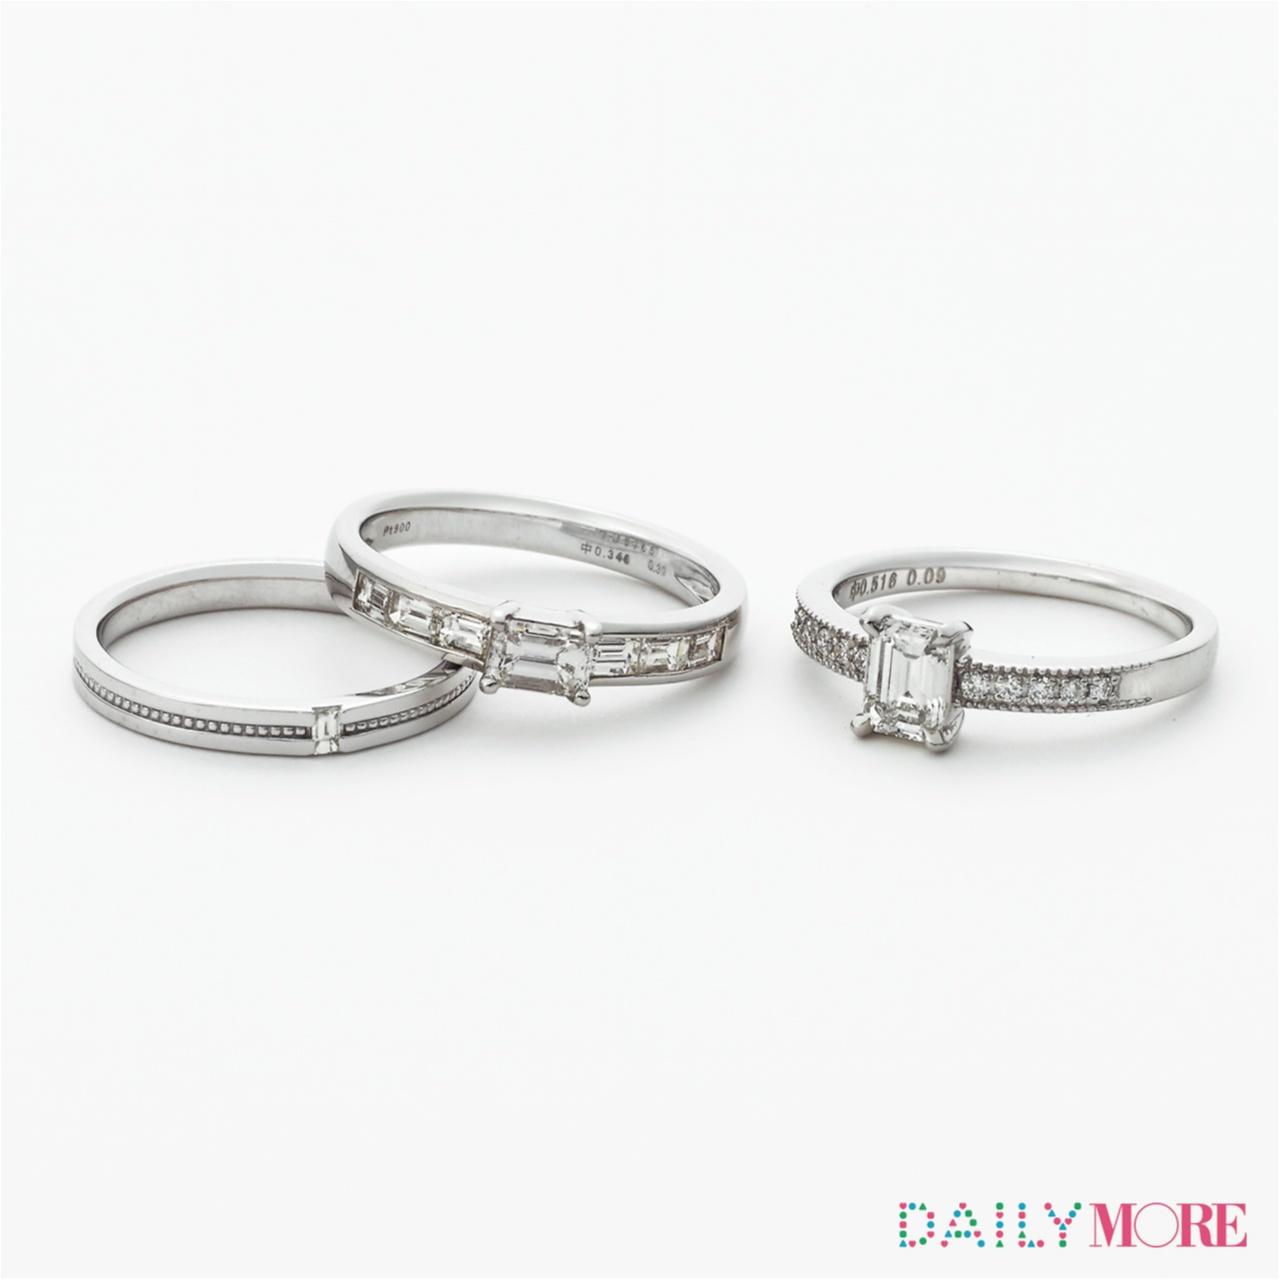 この指輪でプロポーズされたい! アラウンド27歳のためのおすすめエンゲージリング3選_3